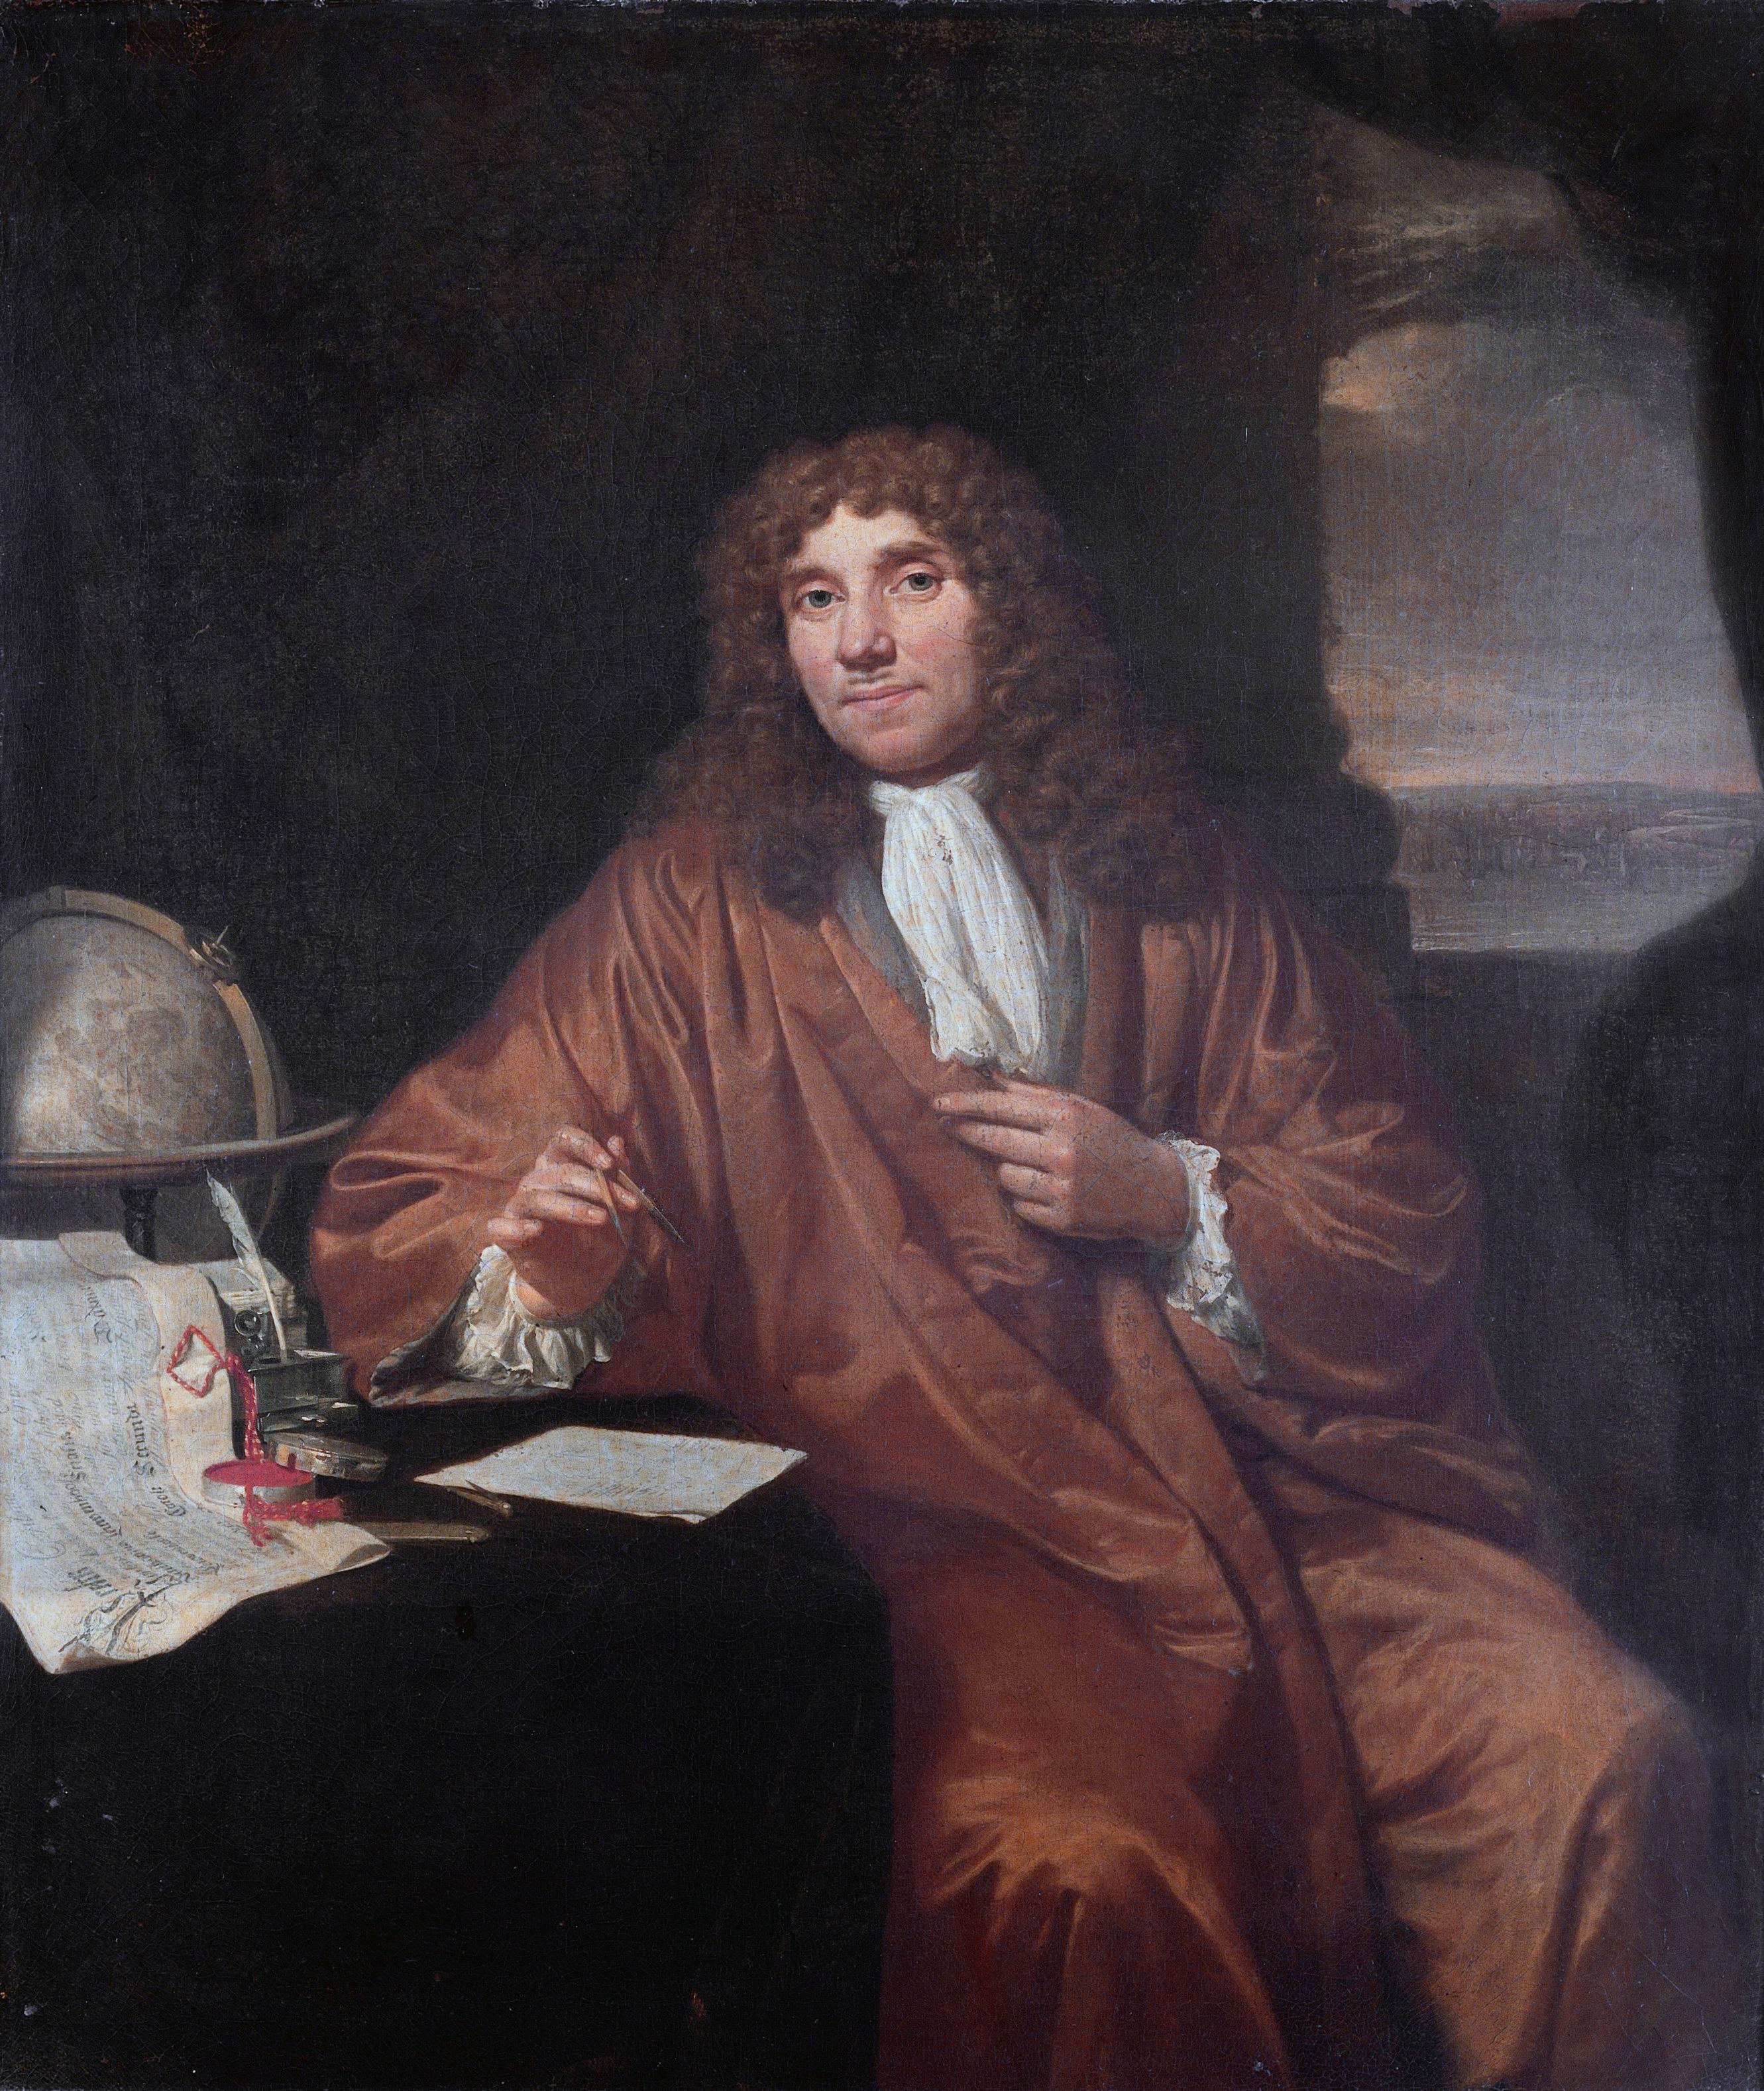 Anton van Leeuwenhoek přišel na jednoduchý způsob, jak vyrábět přesné skleněné kuličky nepatrných rozměrů a využil je jako čočky svých přístrojů. Překonal tím úroveň tehdy dostupné mikroskopické techniky. Tajemství výroby si ovšem celý život držel pr